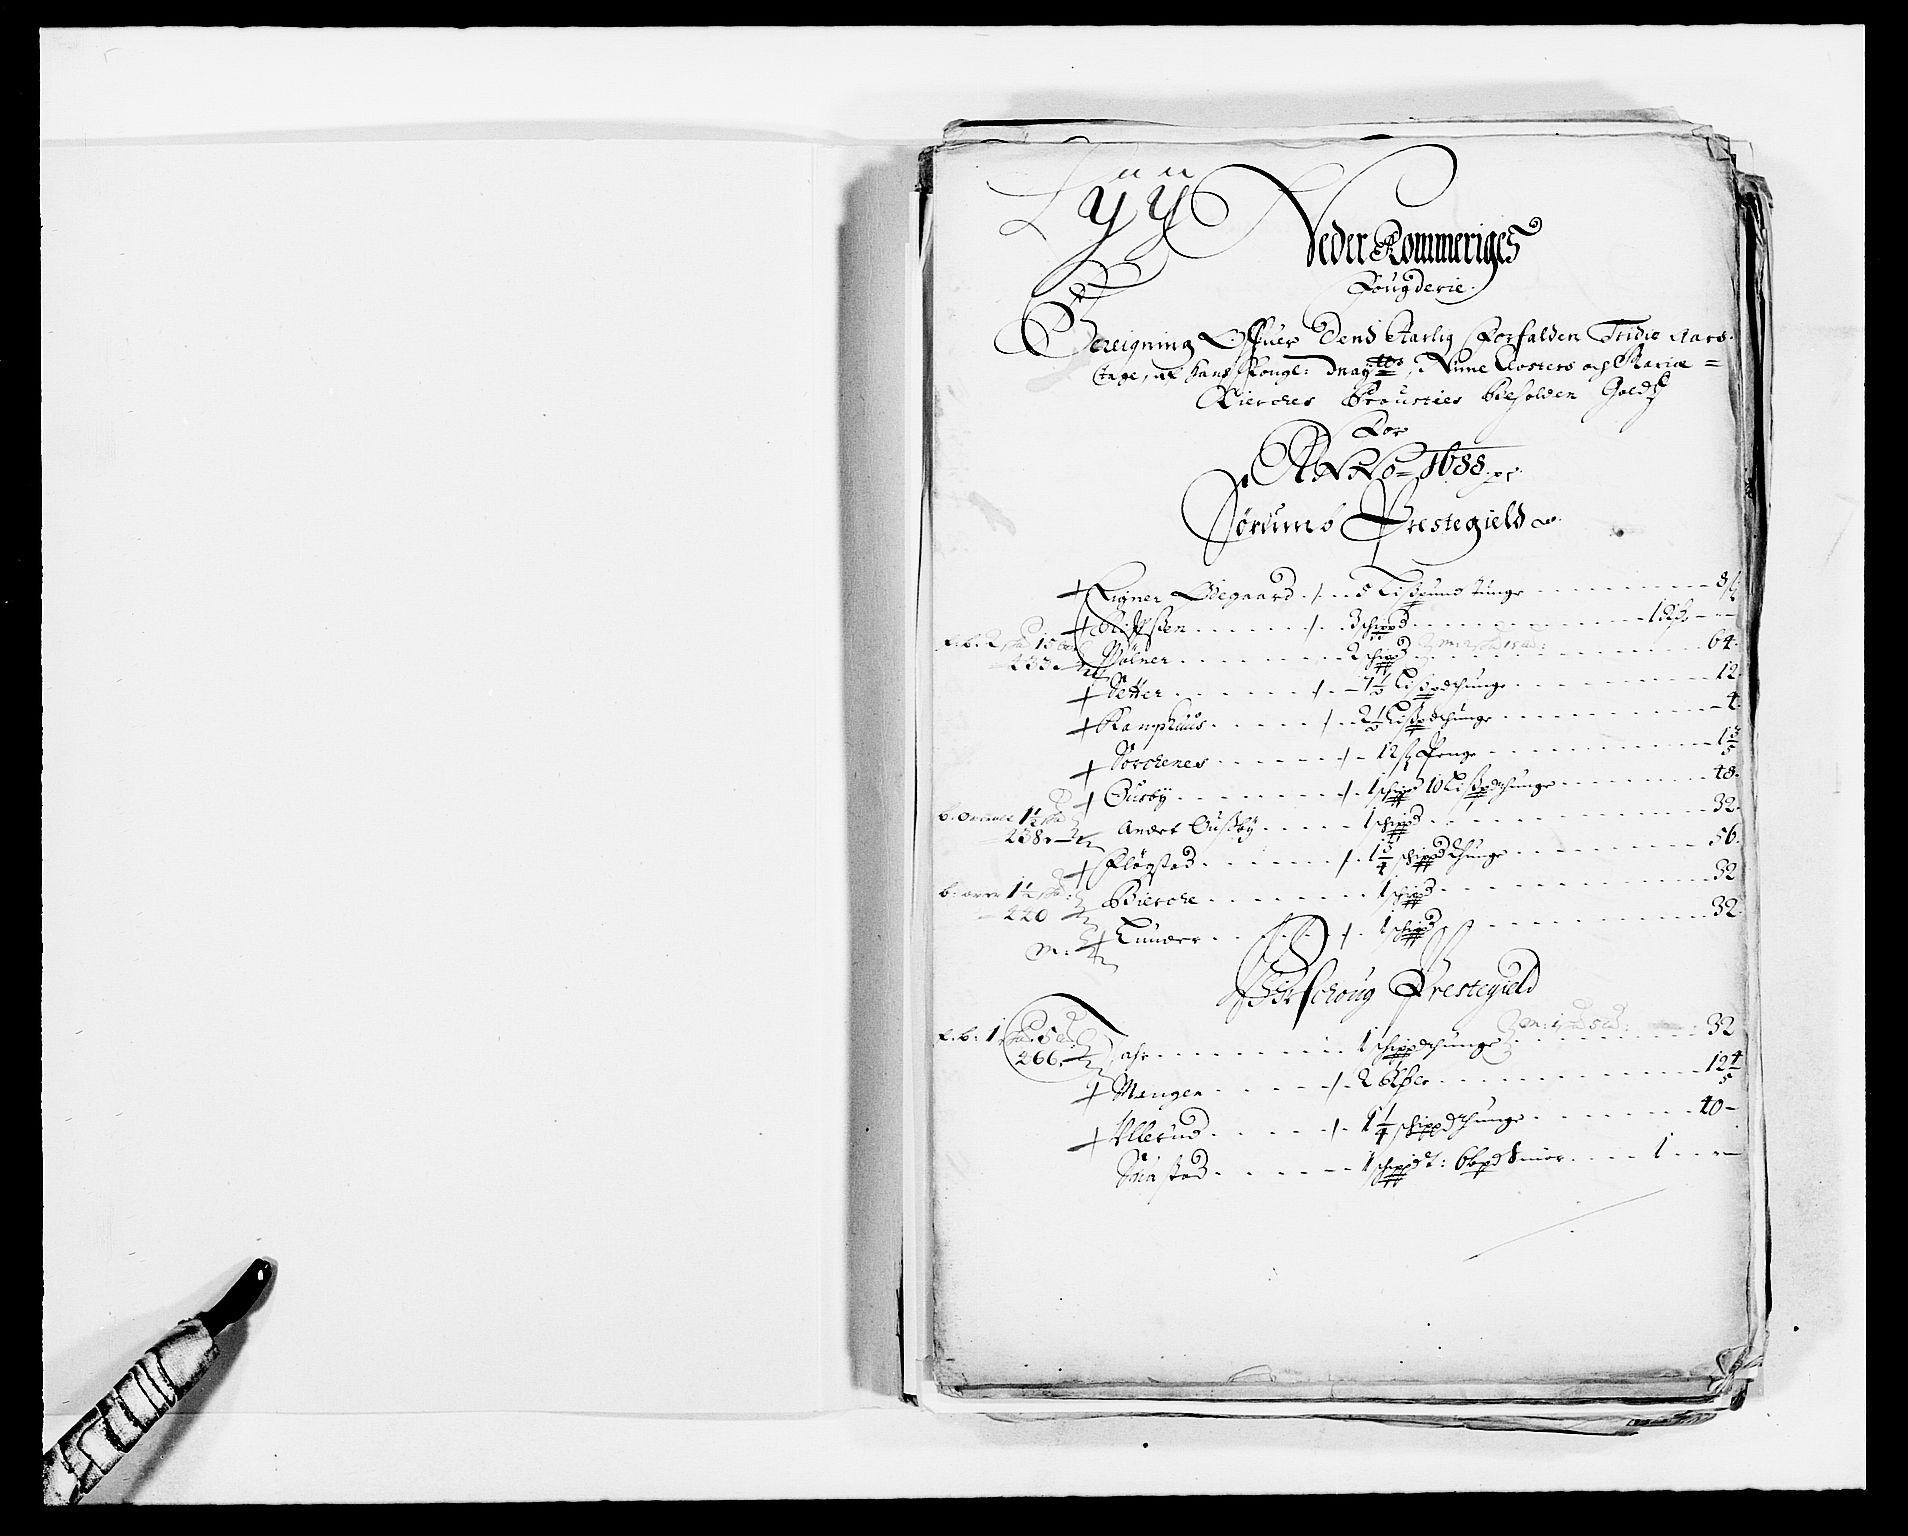 RA, Rentekammeret inntil 1814, Reviderte regnskaper, Fogderegnskap, R11/L0573: Fogderegnskap Nedre Romerike, 1679-1688, s. 2